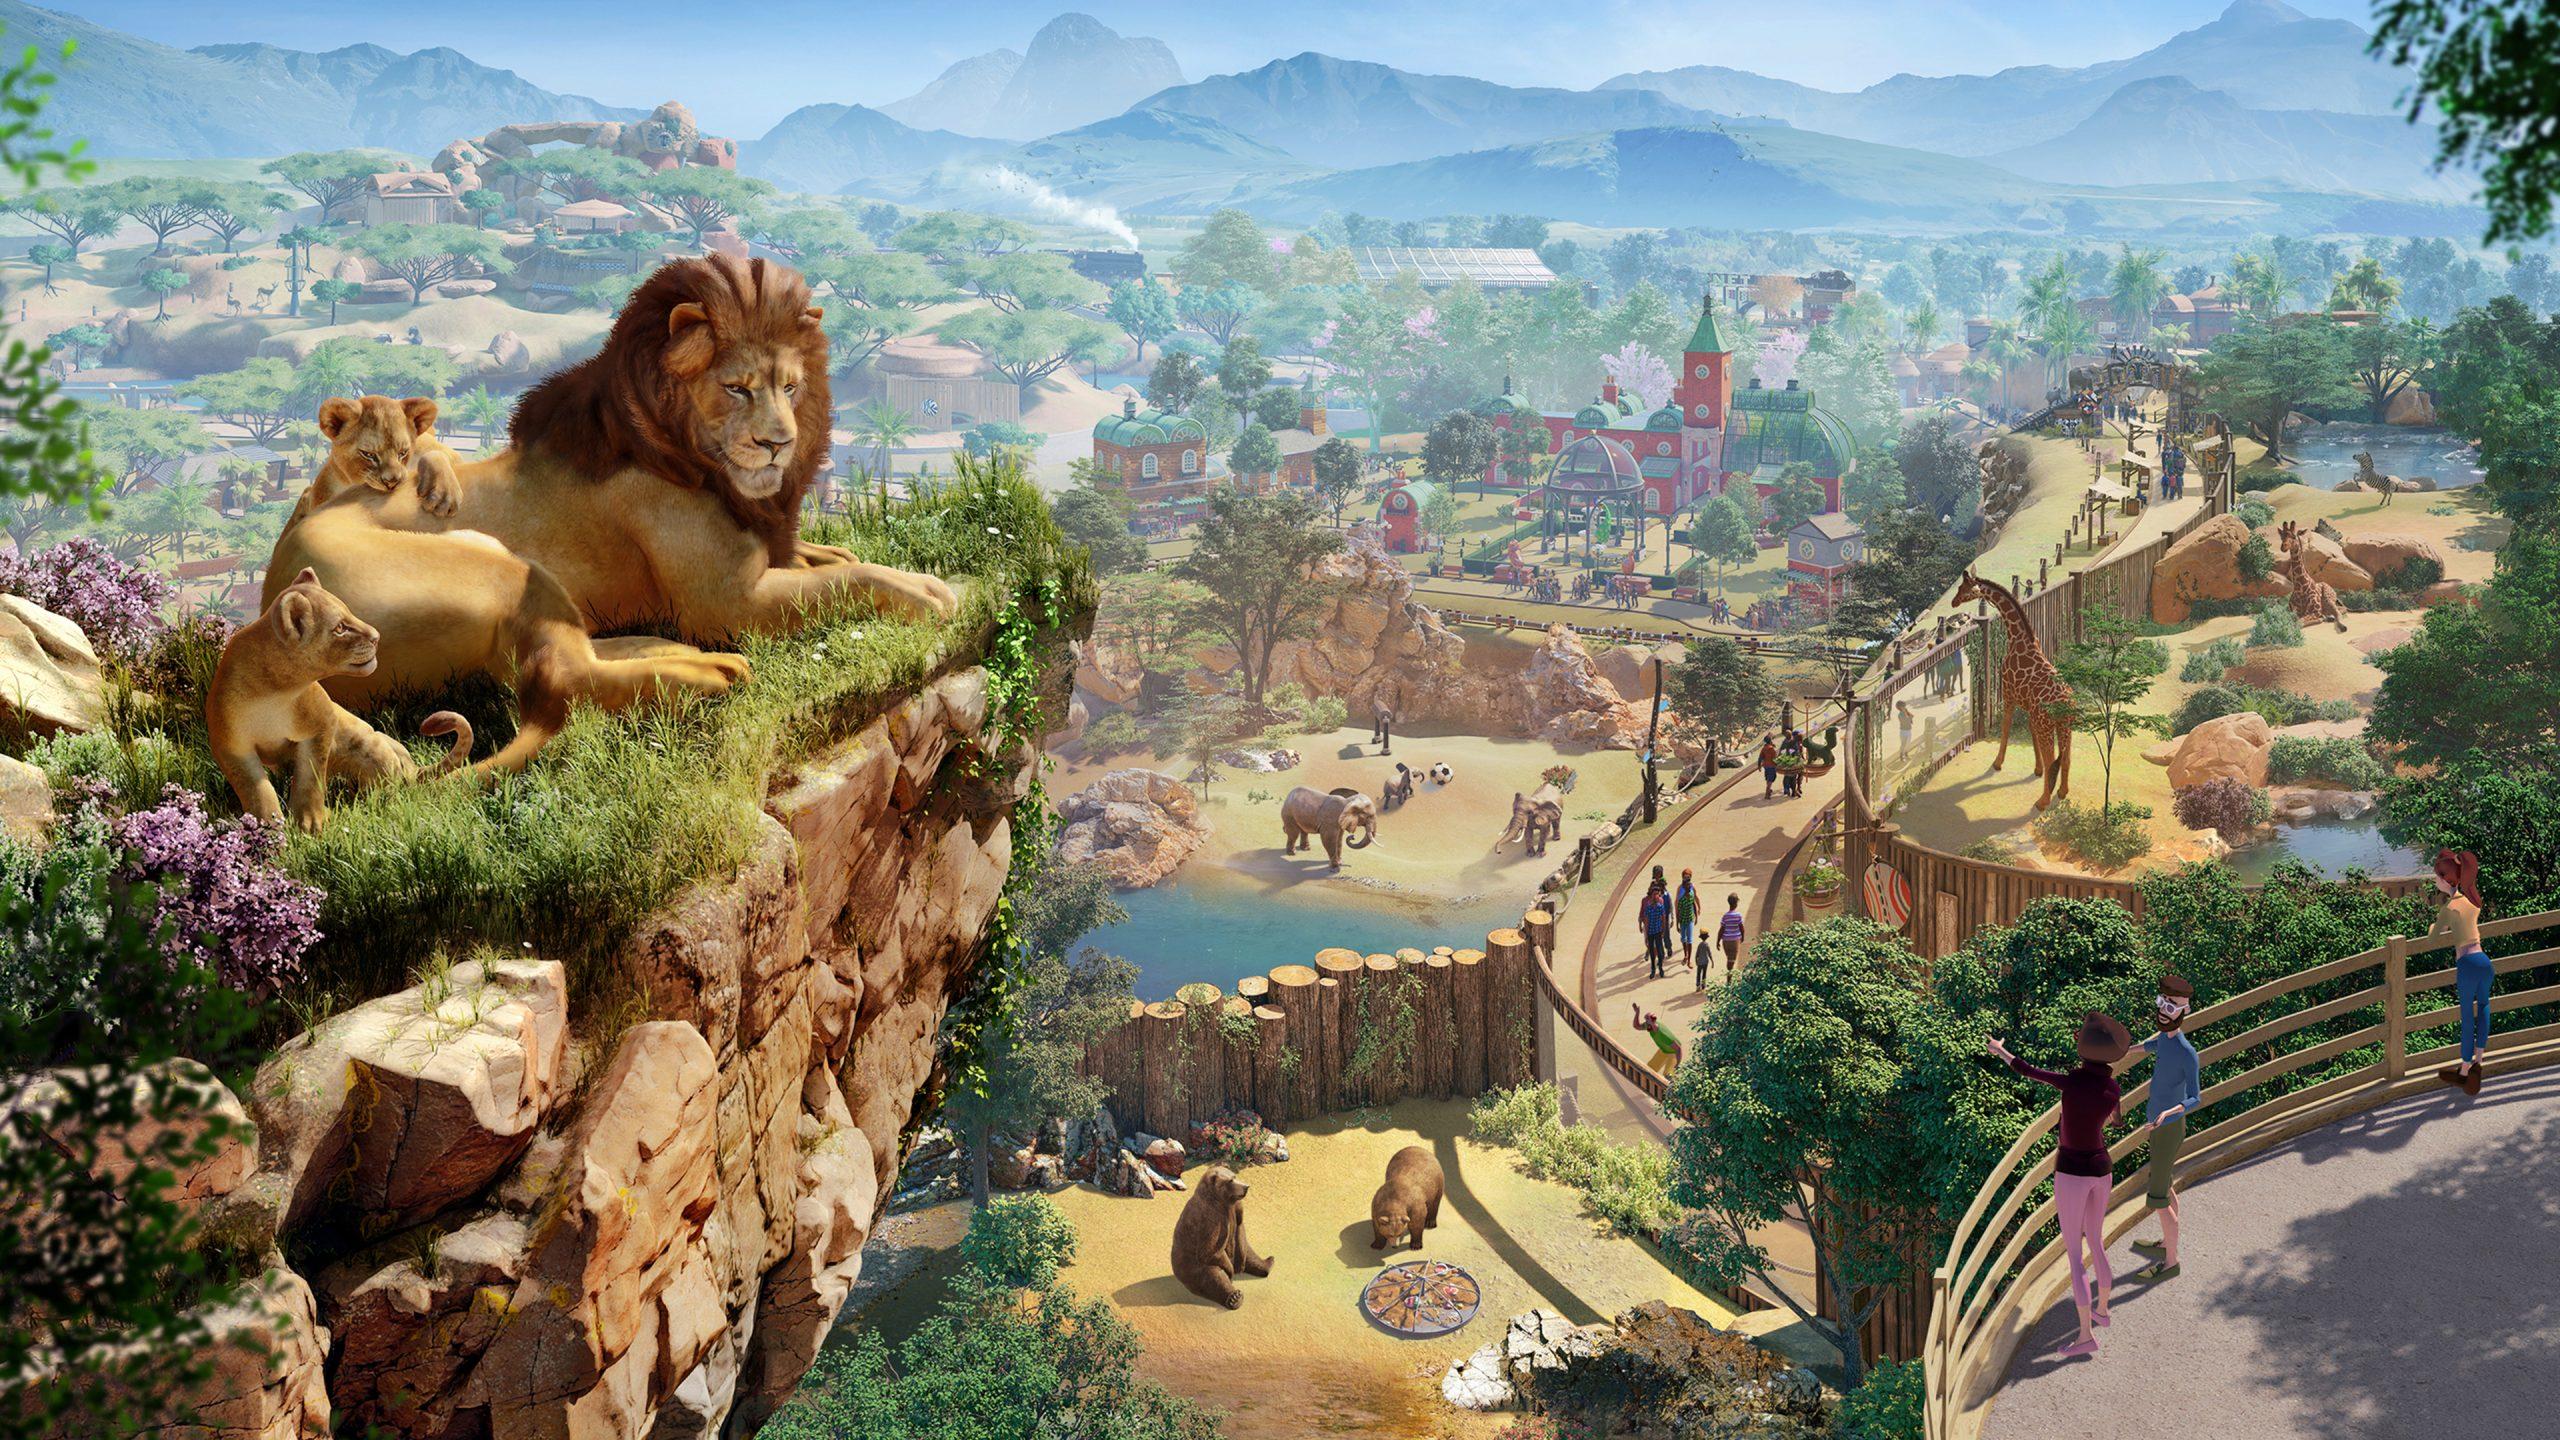 wallpapersden.com_planet-zoo_3840x2160